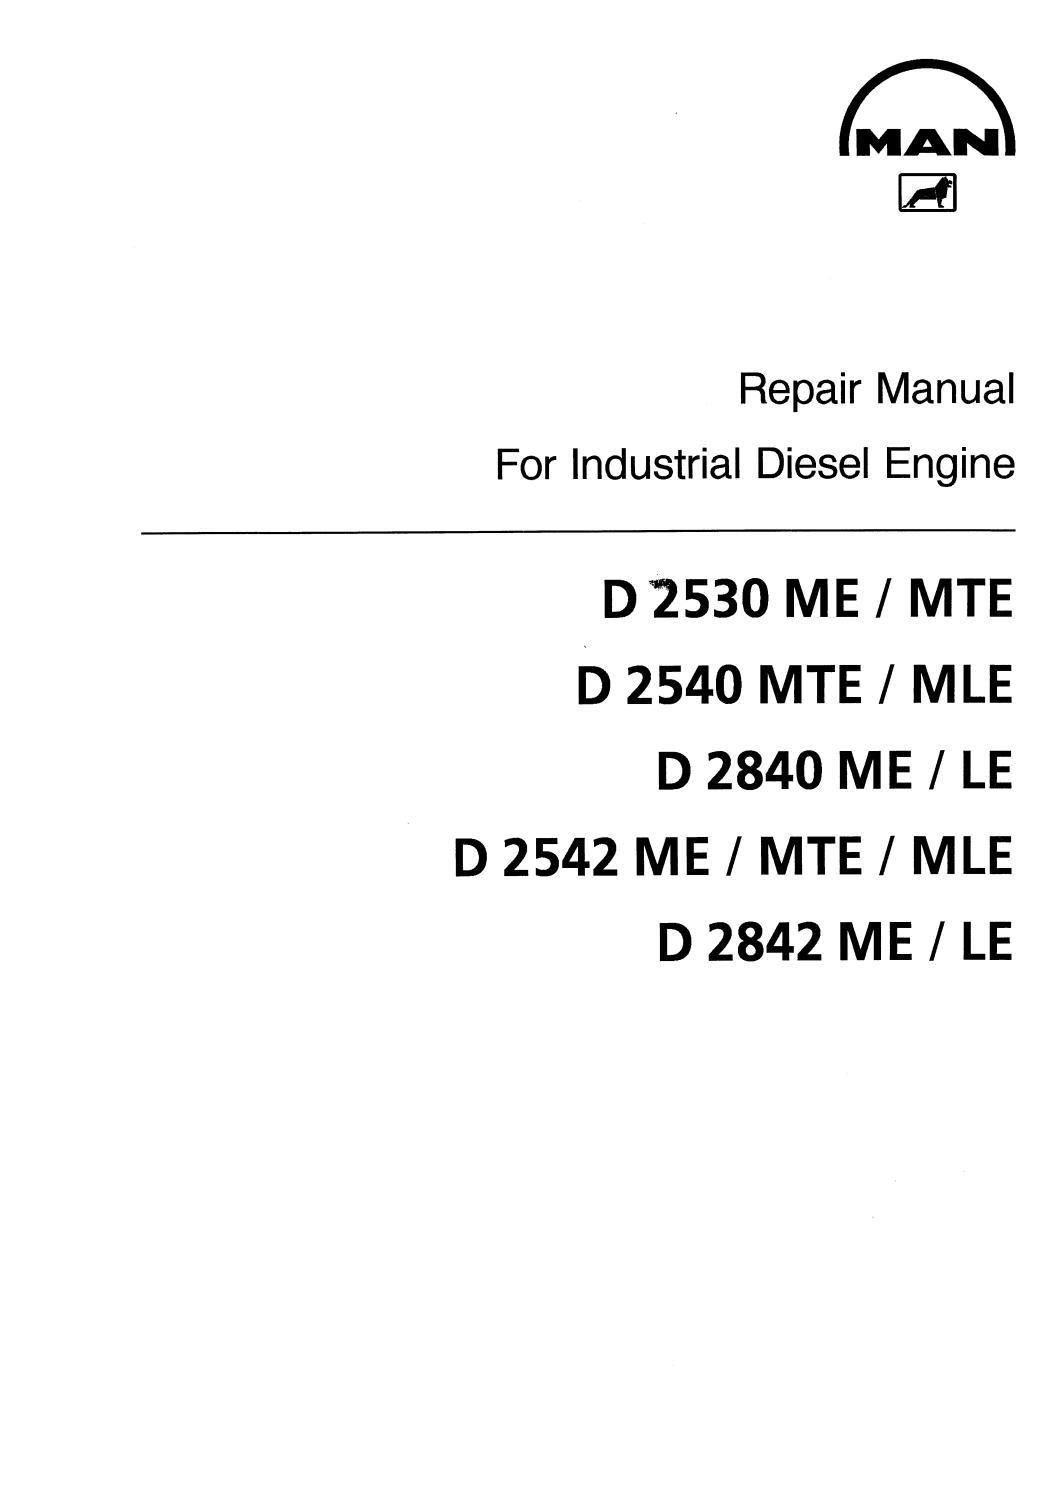 MAN INDUSTRIAL DIESEL ENGINE D 2840 MELE SERIES Service